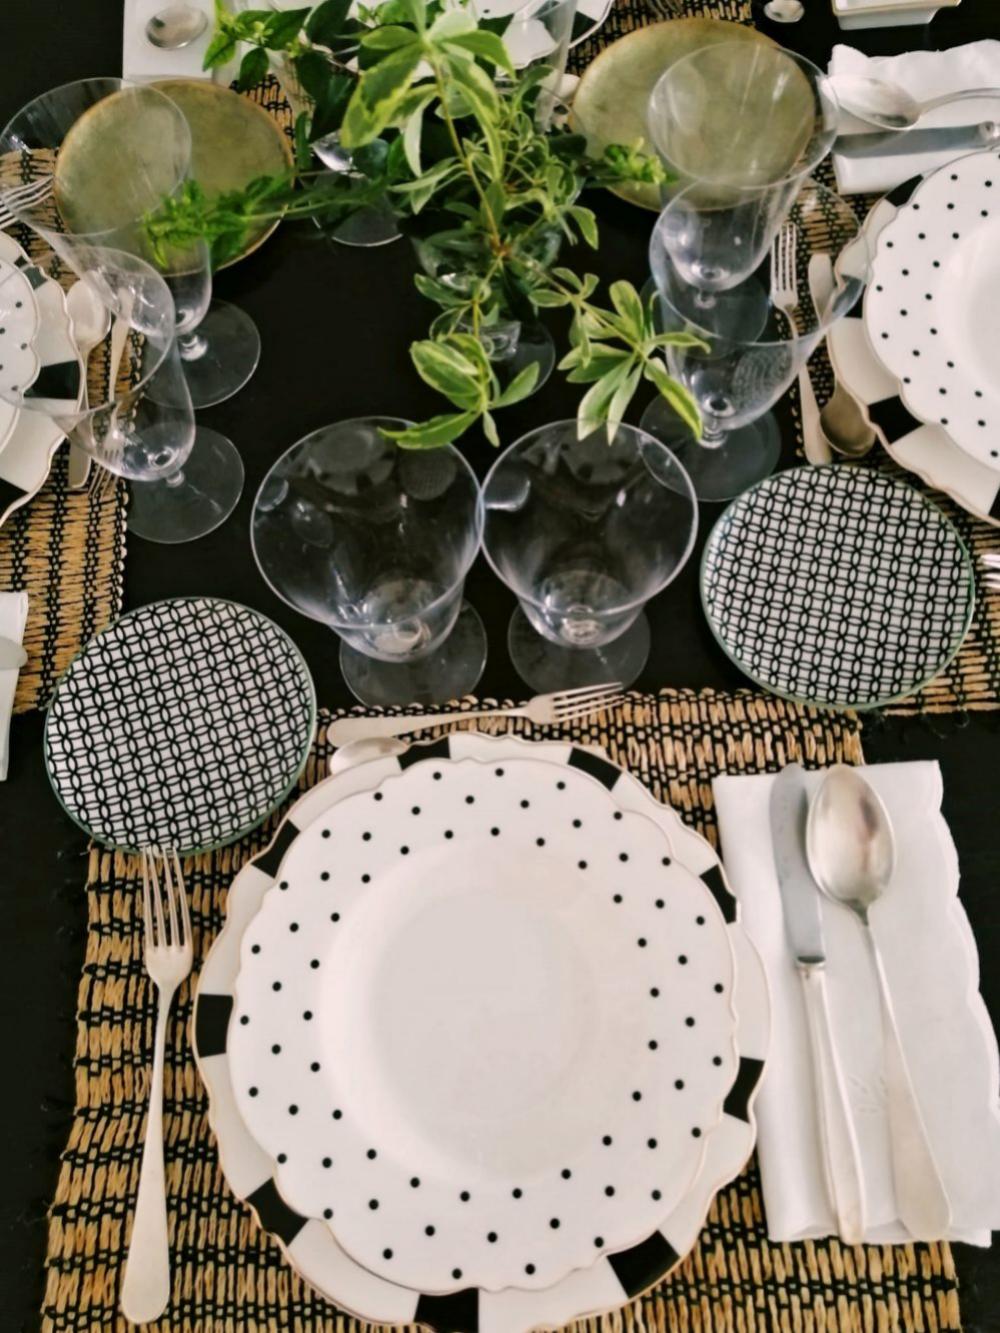 Mesa 4 en la que se han dispuesto individuales de paja sobre la mesa de madera, con vajilla de Cristina Oria, platitos de pan, Zara Home, servilletas de Ibiza y copas de cristal, El Corte Inglés.